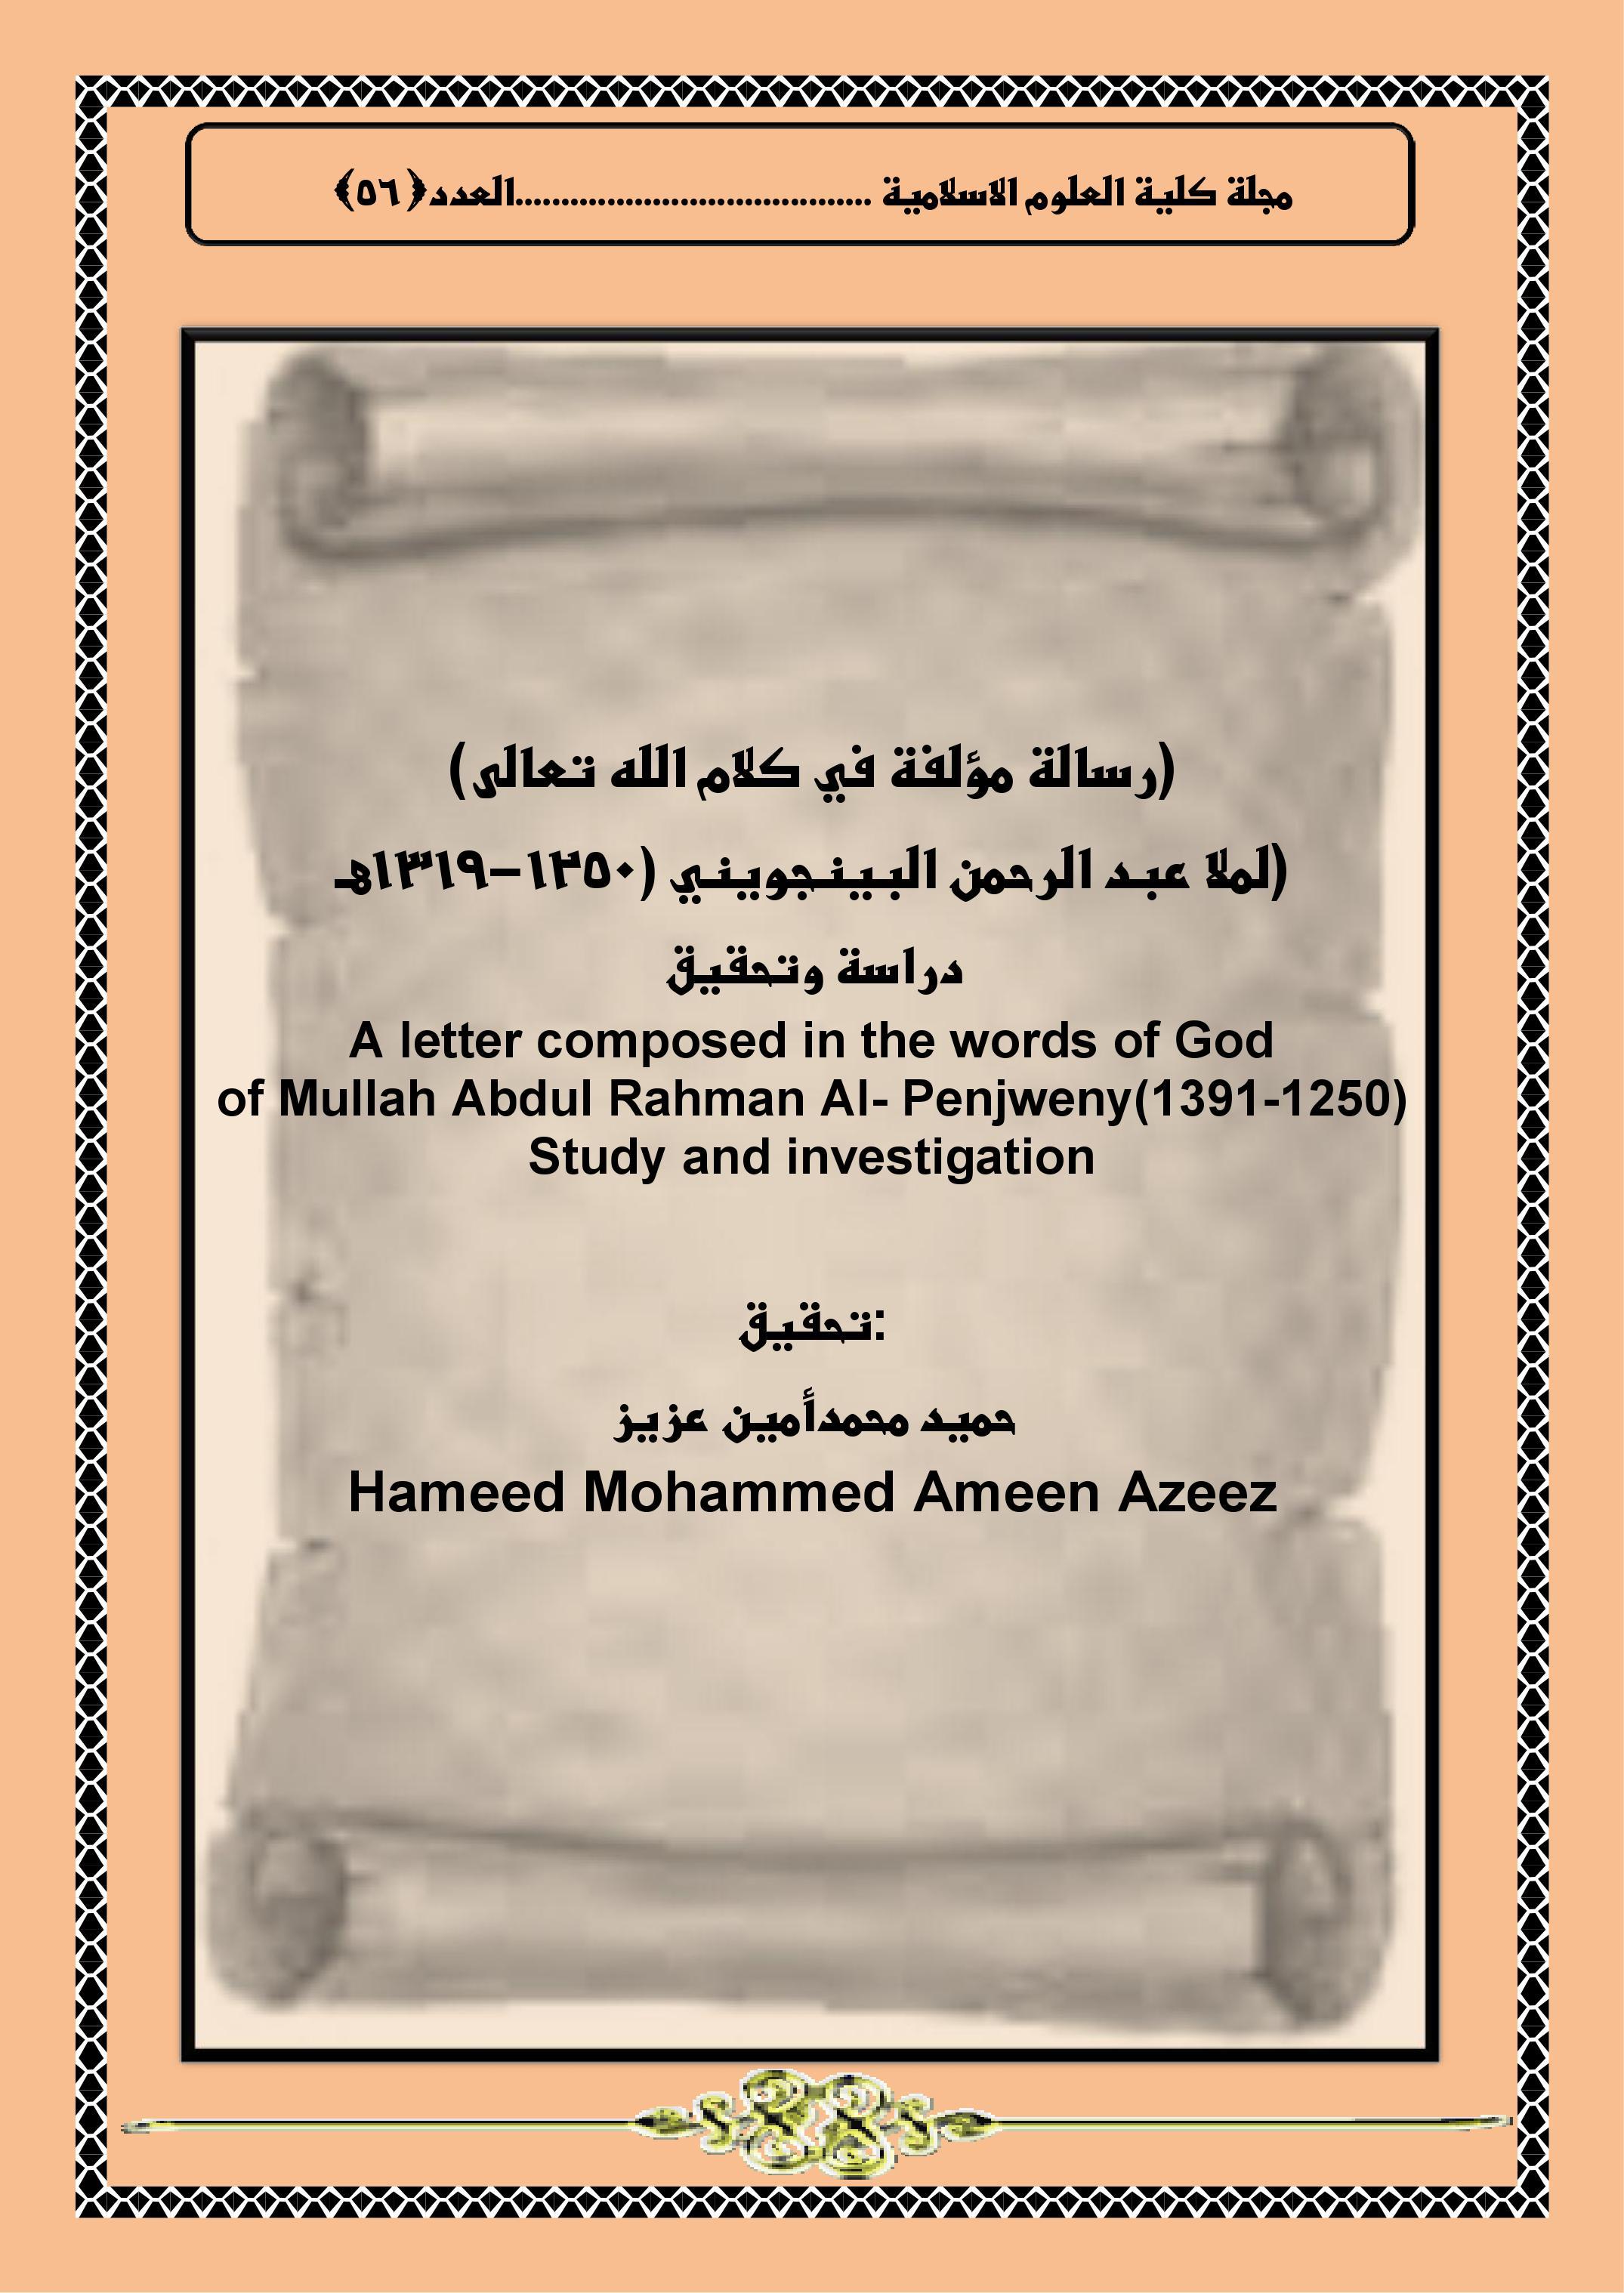 (رسالة مؤلفة في كلام الله تعالى) لملا عبد الرحمن البينجويني (1250-1319هـ) دراسة وتحقيق